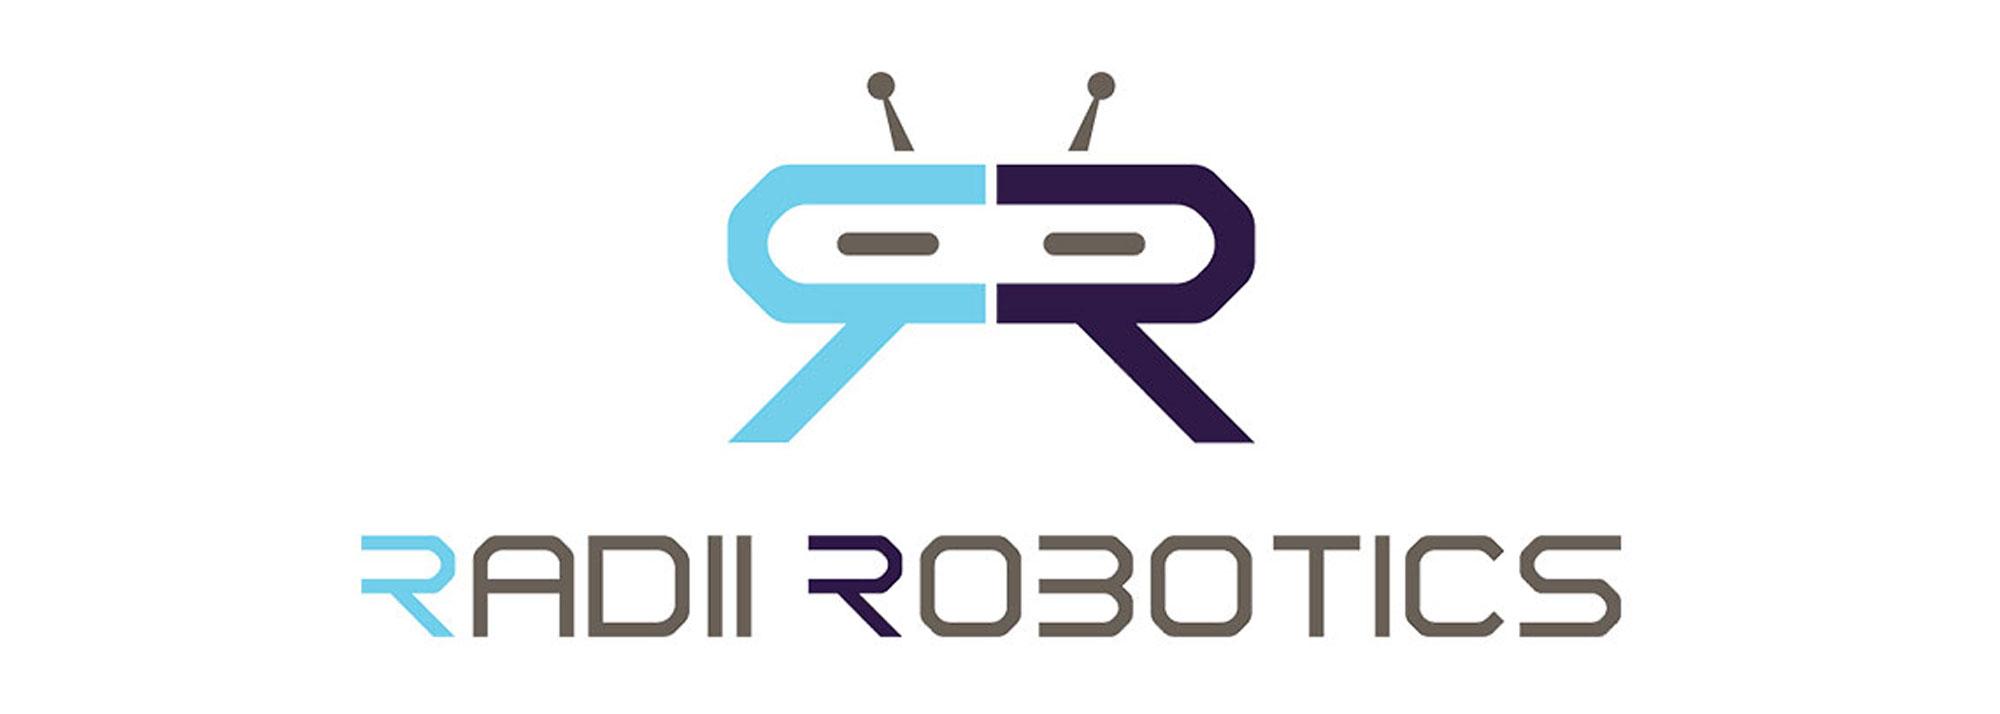 Radi Rebotics Logo